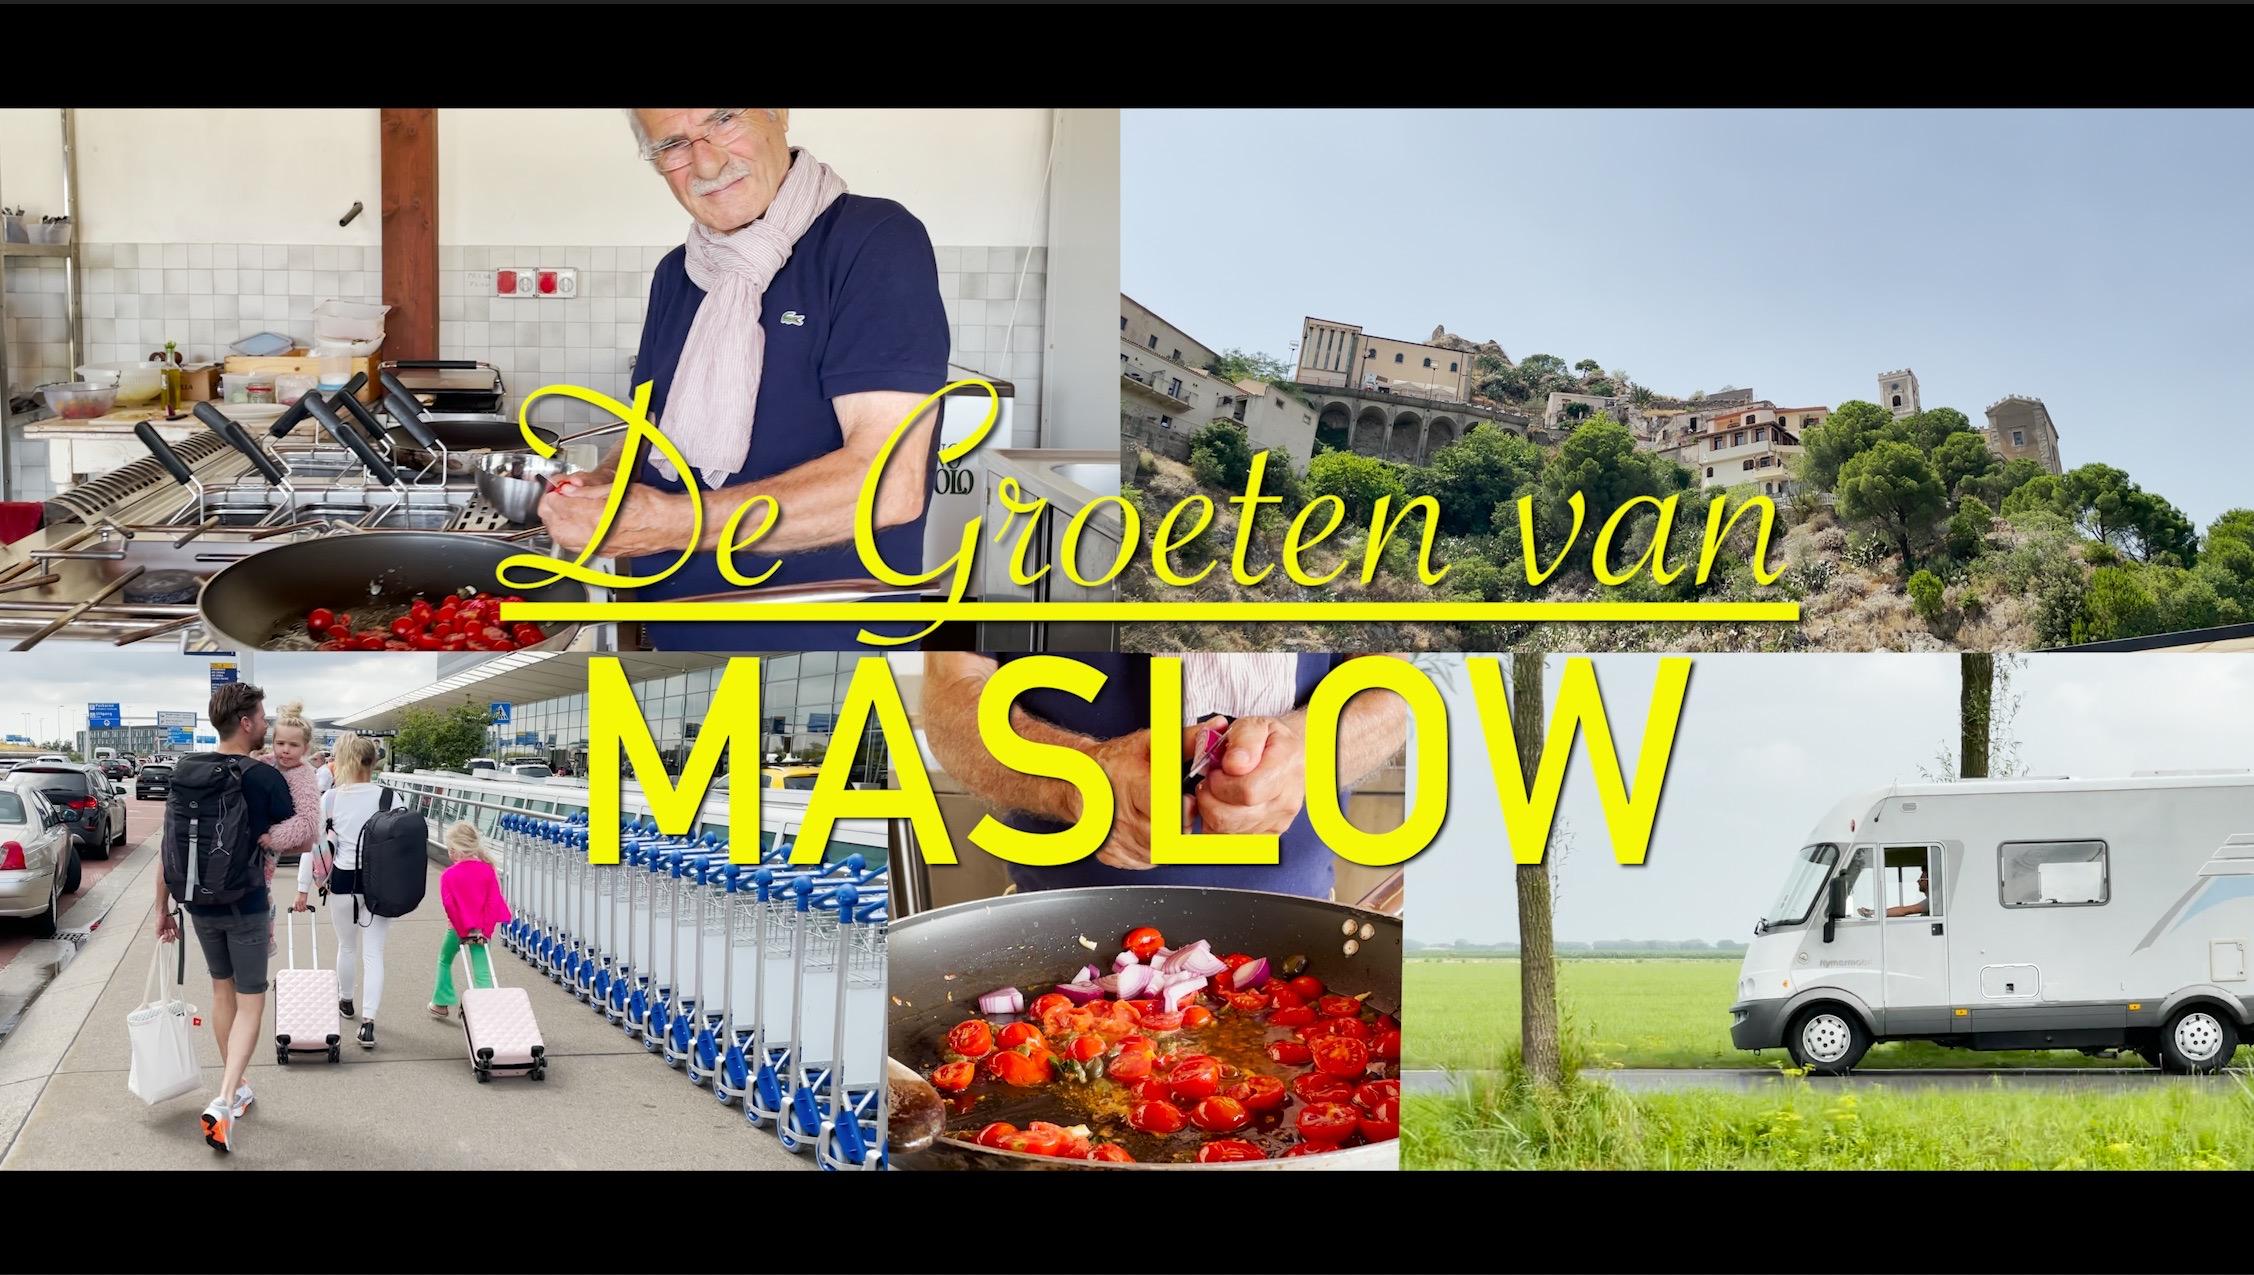 DE GROETEN VAN MASLOW!